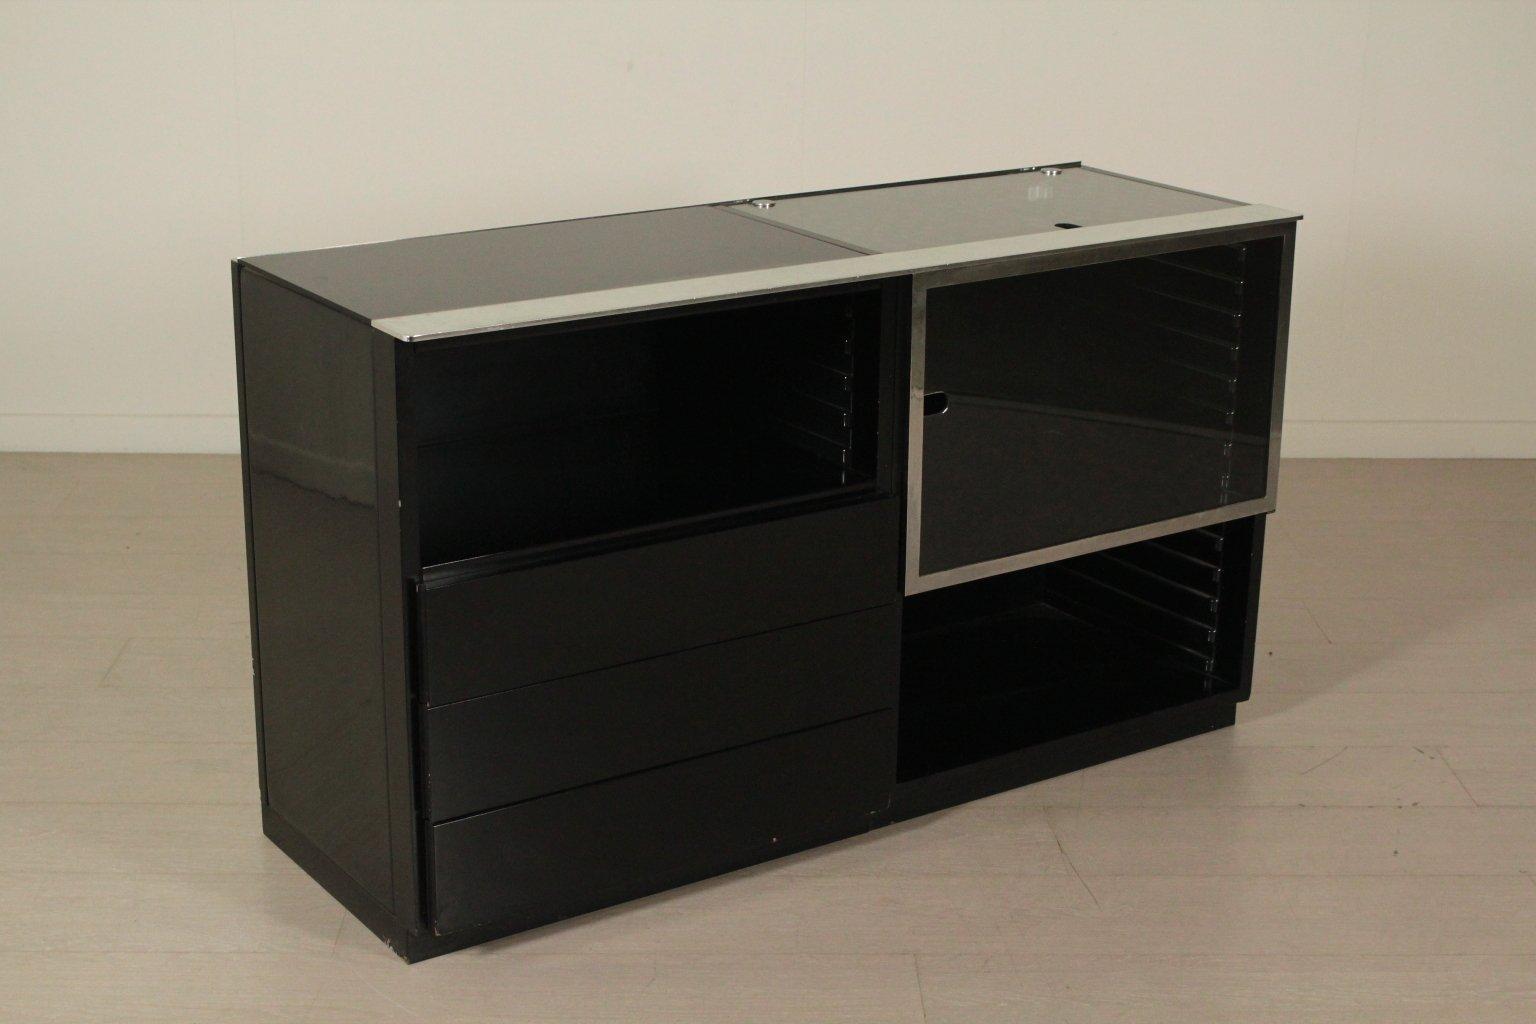 italienischer schrank aus lackiertem holz metall glas 1970er bei pamono kaufen. Black Bedroom Furniture Sets. Home Design Ideas